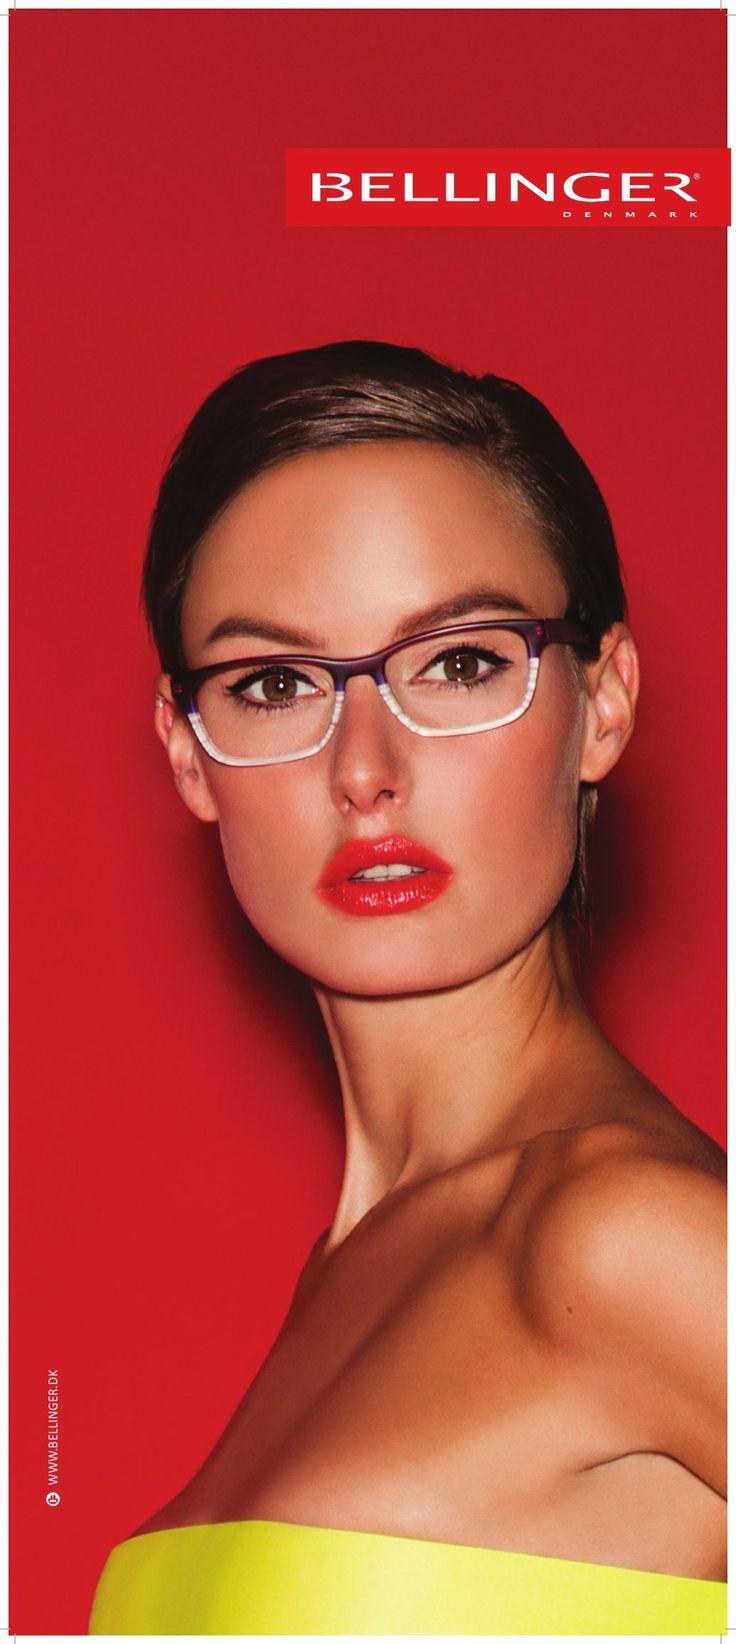 Bellinger eyewear from £160